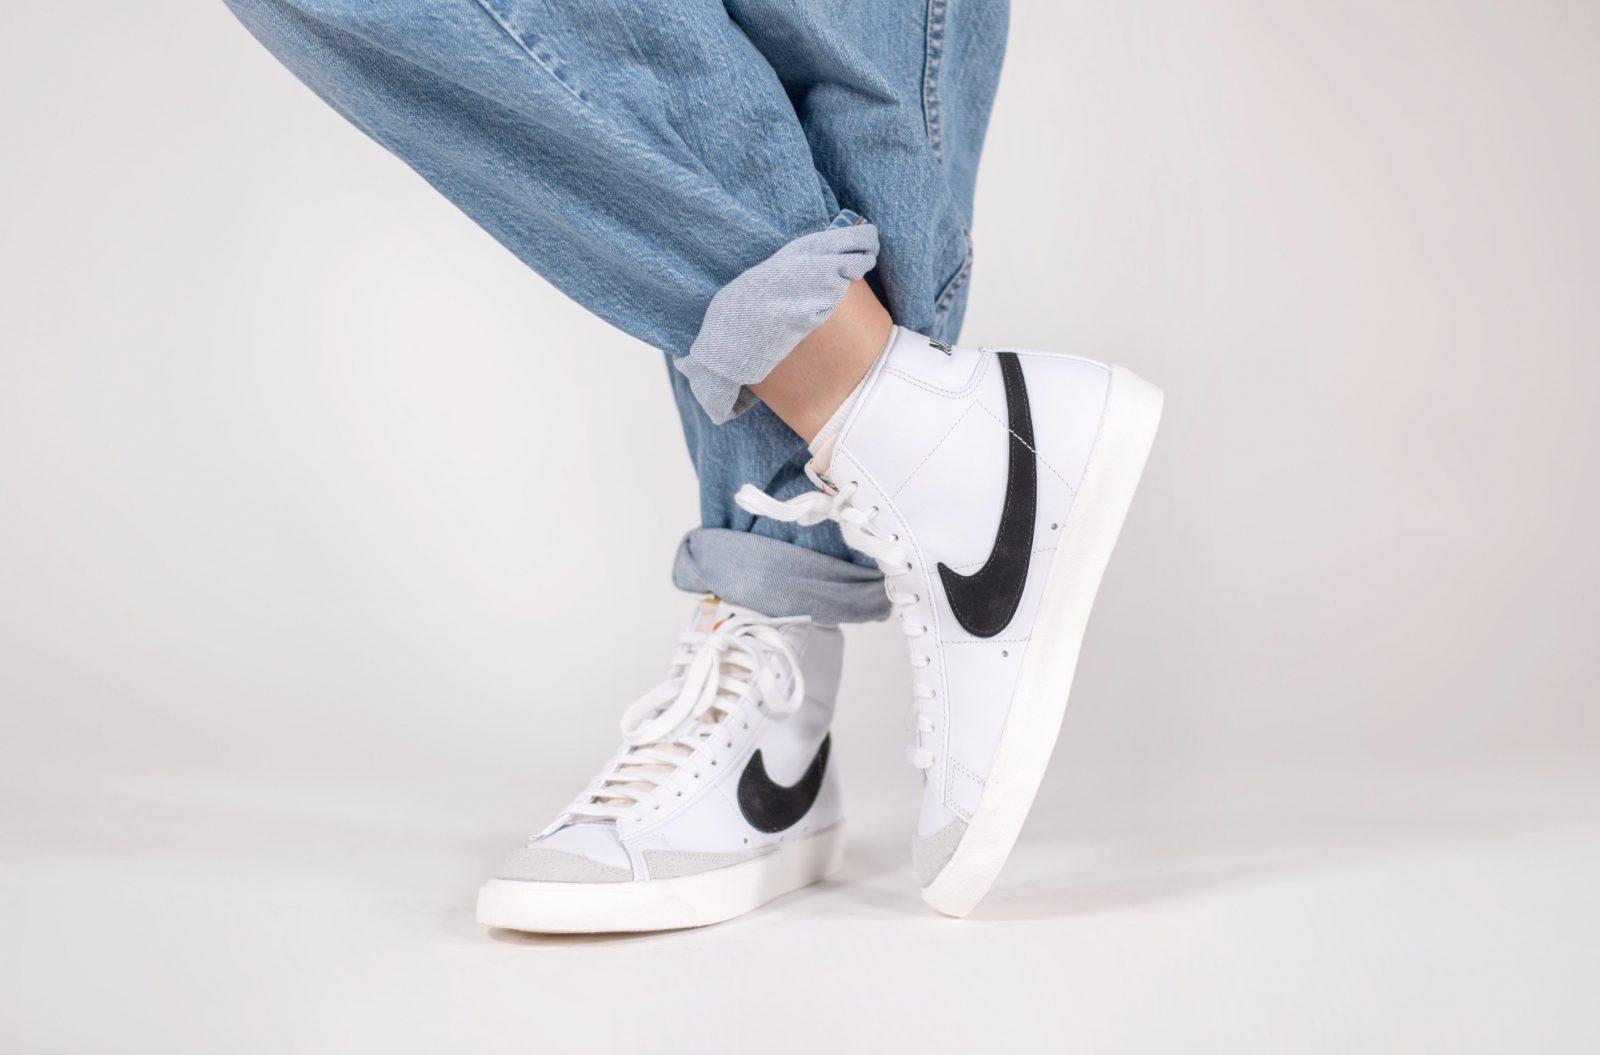 Womens Nike Blazer Trainers Latest